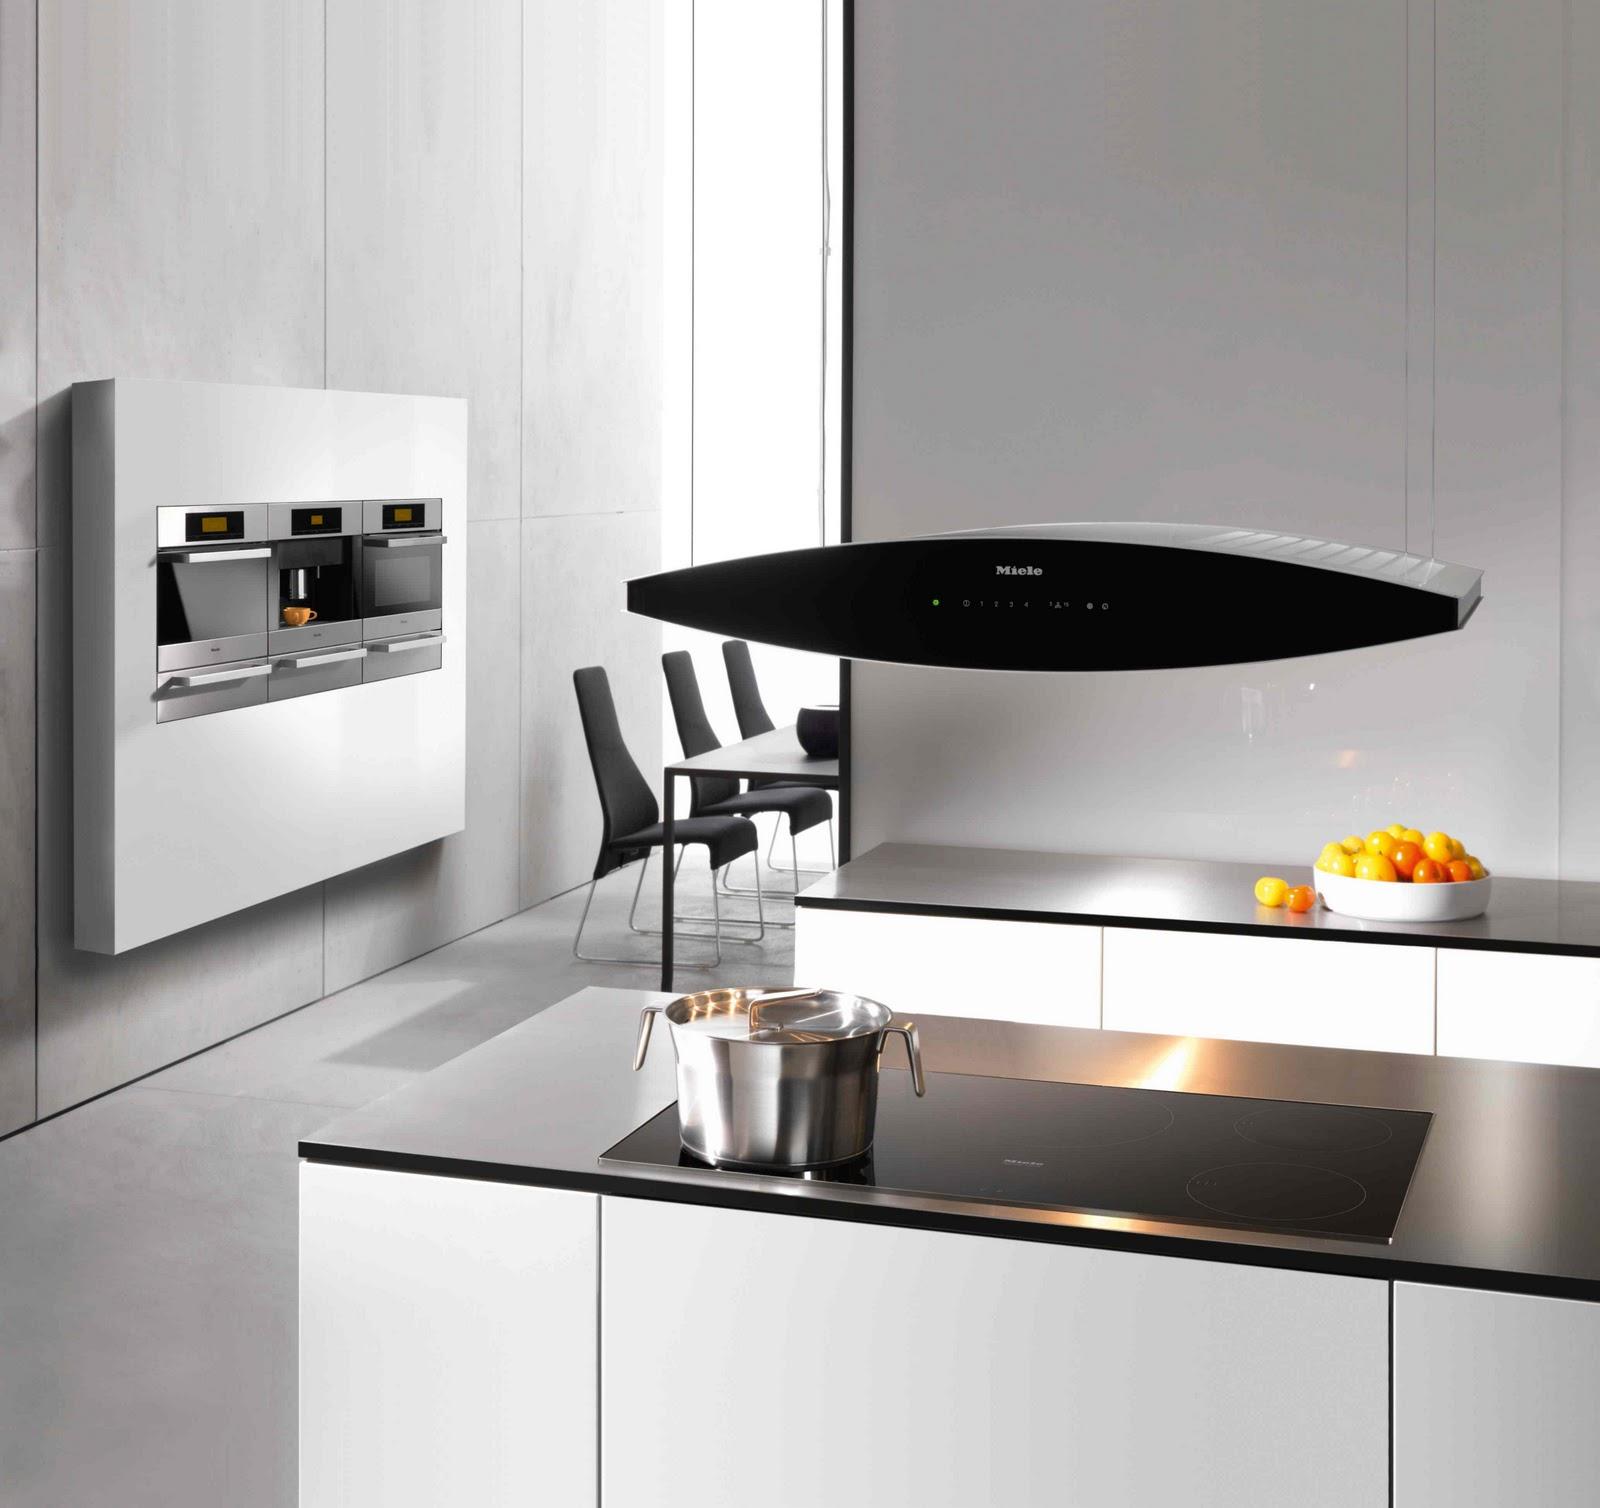 moteur hotte aspirante. Black Bedroom Furniture Sets. Home Design Ideas